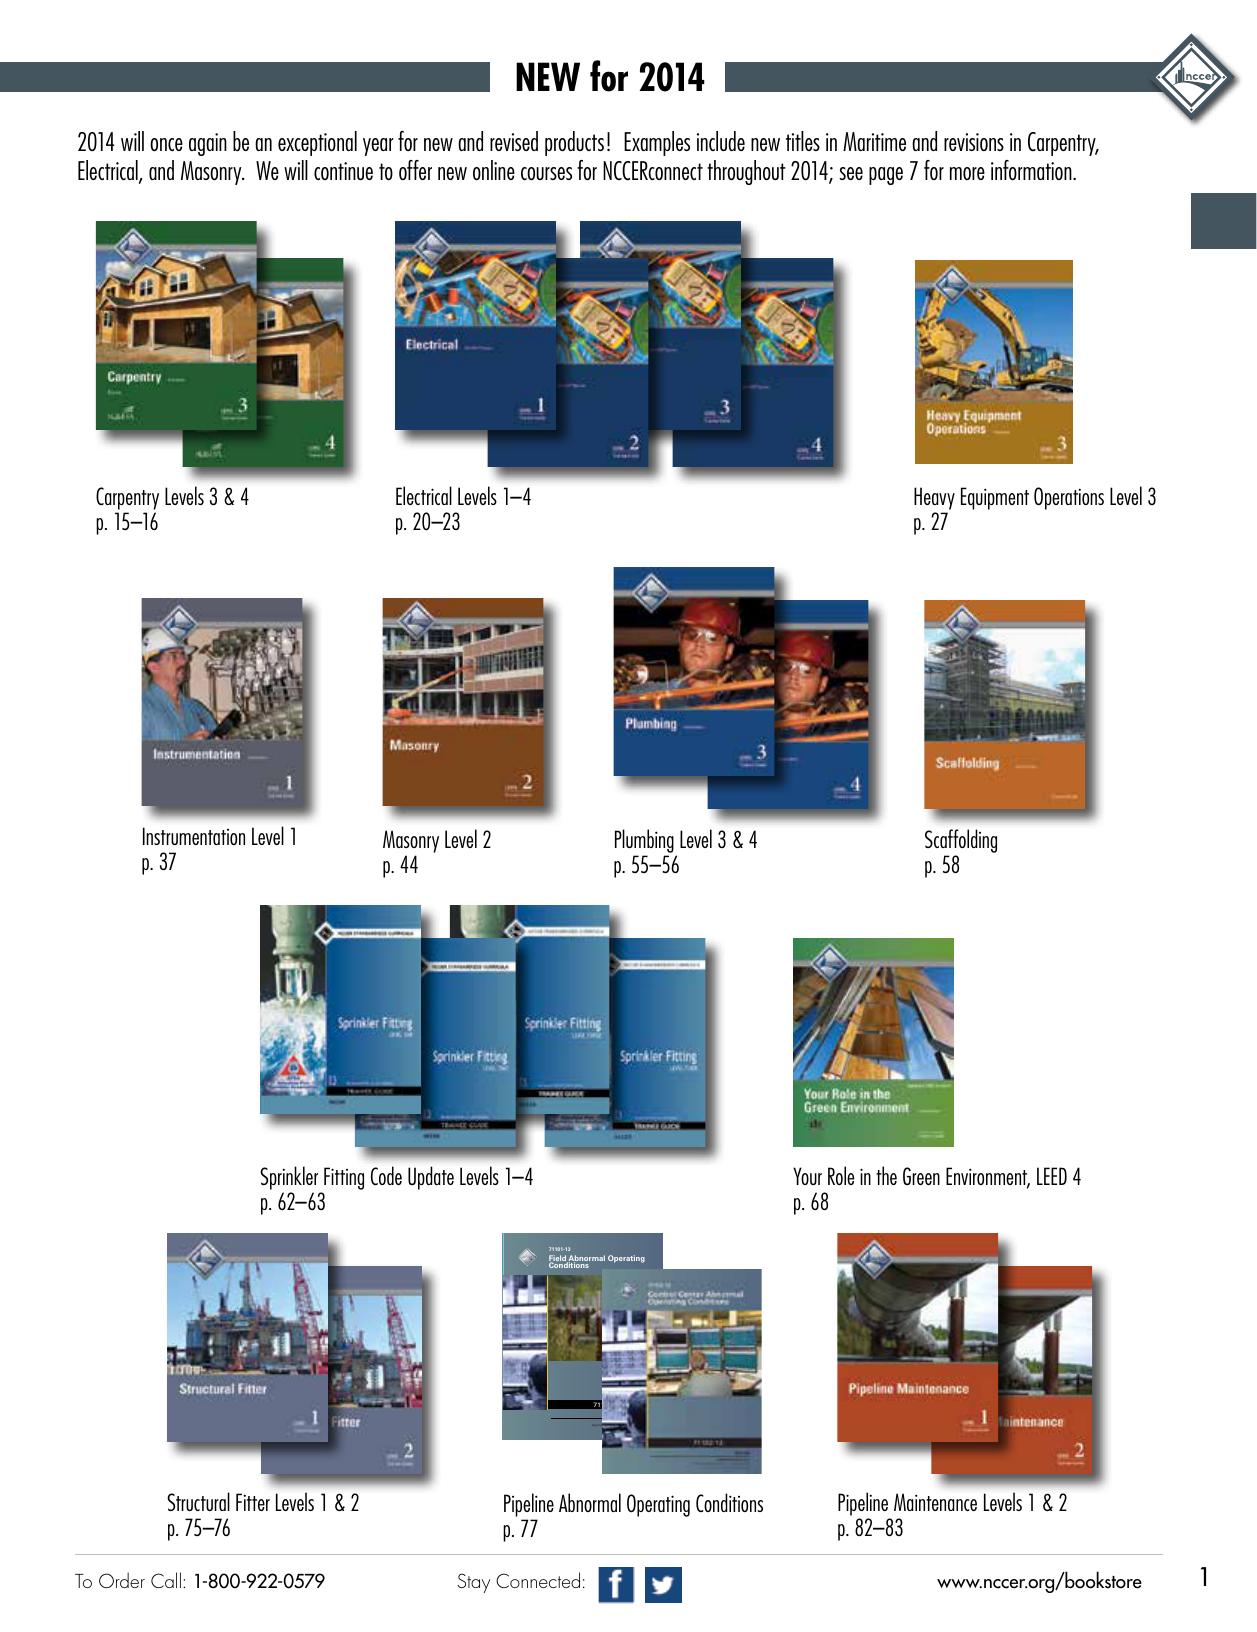 NEW for 2014 - Pearsoncmg com | manualzz com